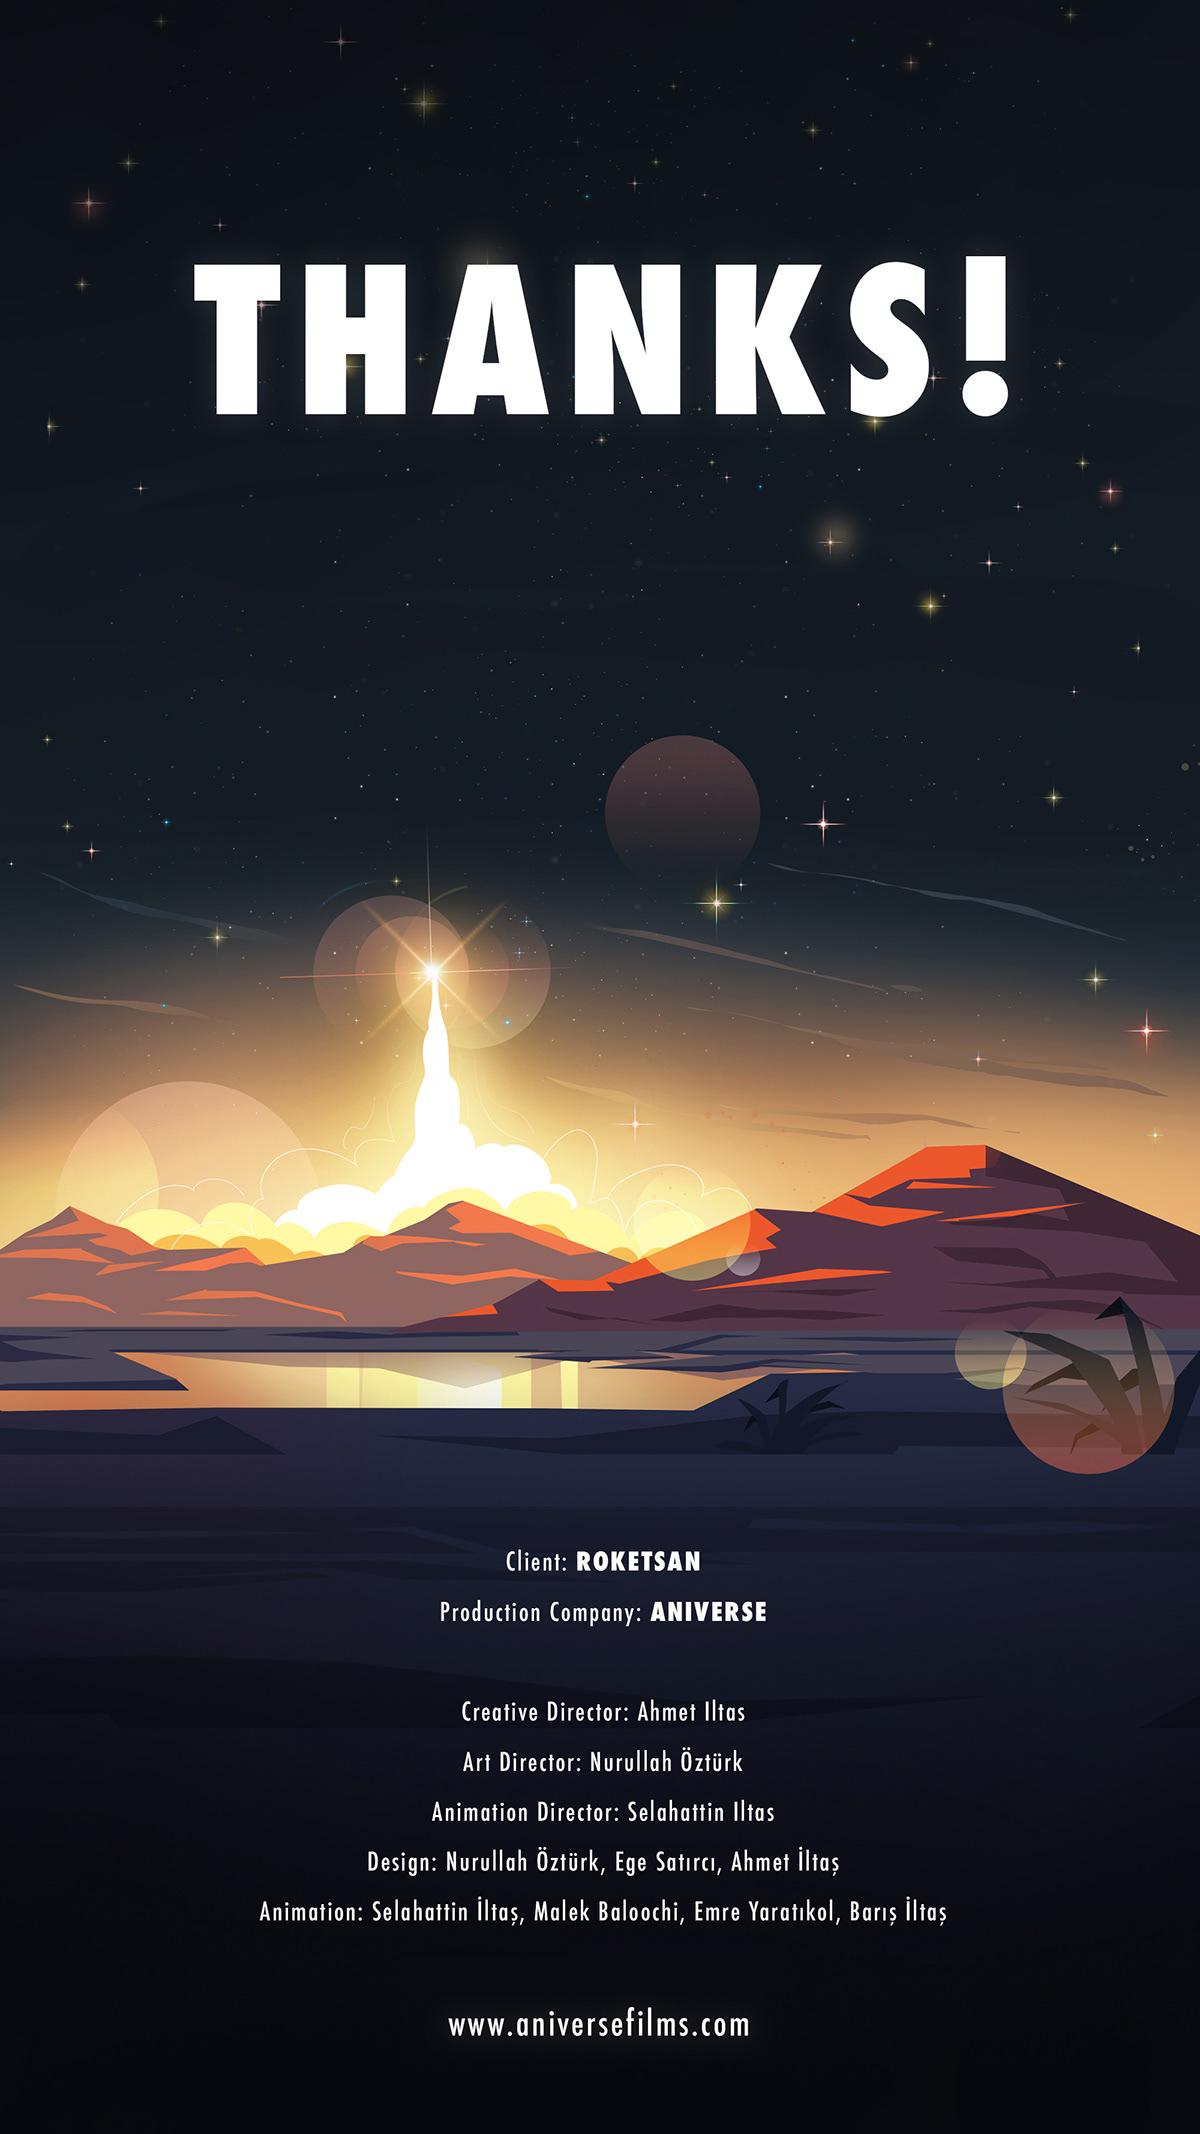 Image may contain: screenshot, moon and cartoon